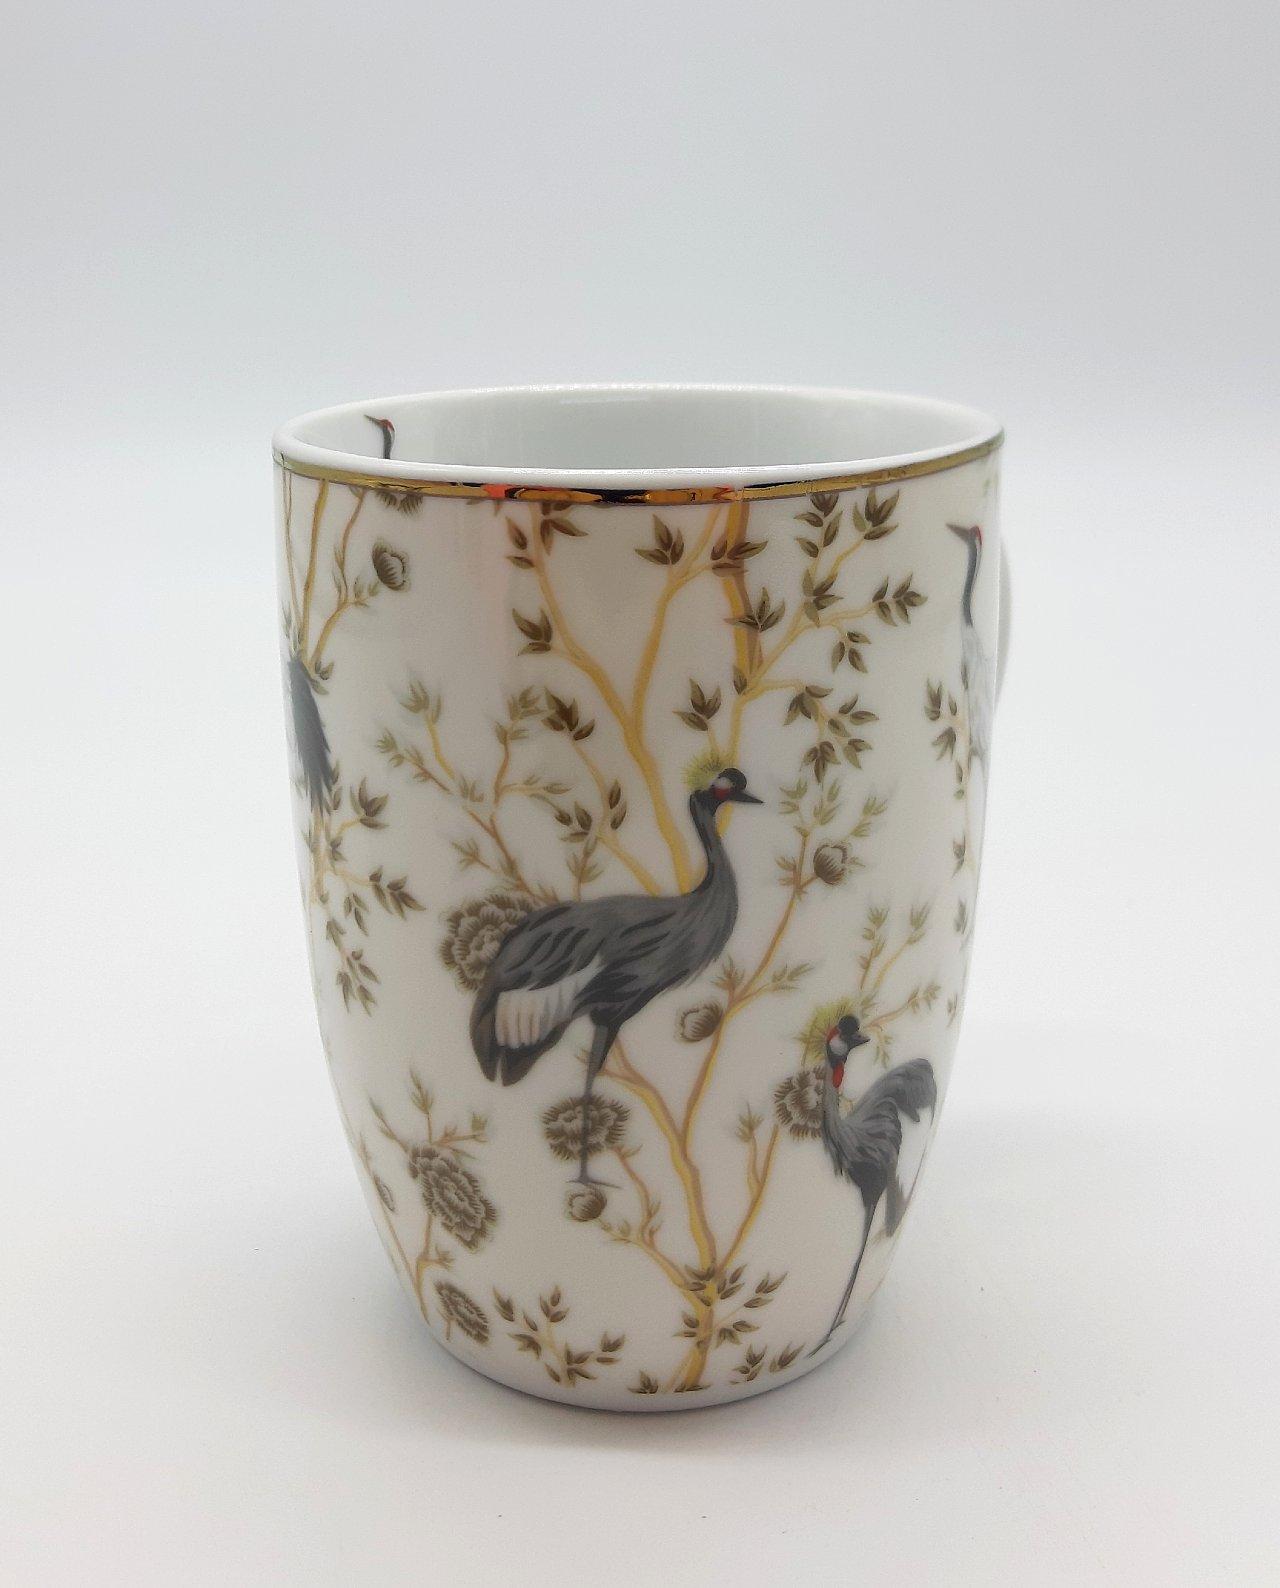 Πορσελάνινη μπεζ κούπα με πελεκάνους και λουλούδια, μπαίνει κανονικά σε πλυντήριο πιάτων, χωρητικότητας 330 ml Διάσταση: ύψος 10 cm, διάμετρος 8.5 cm